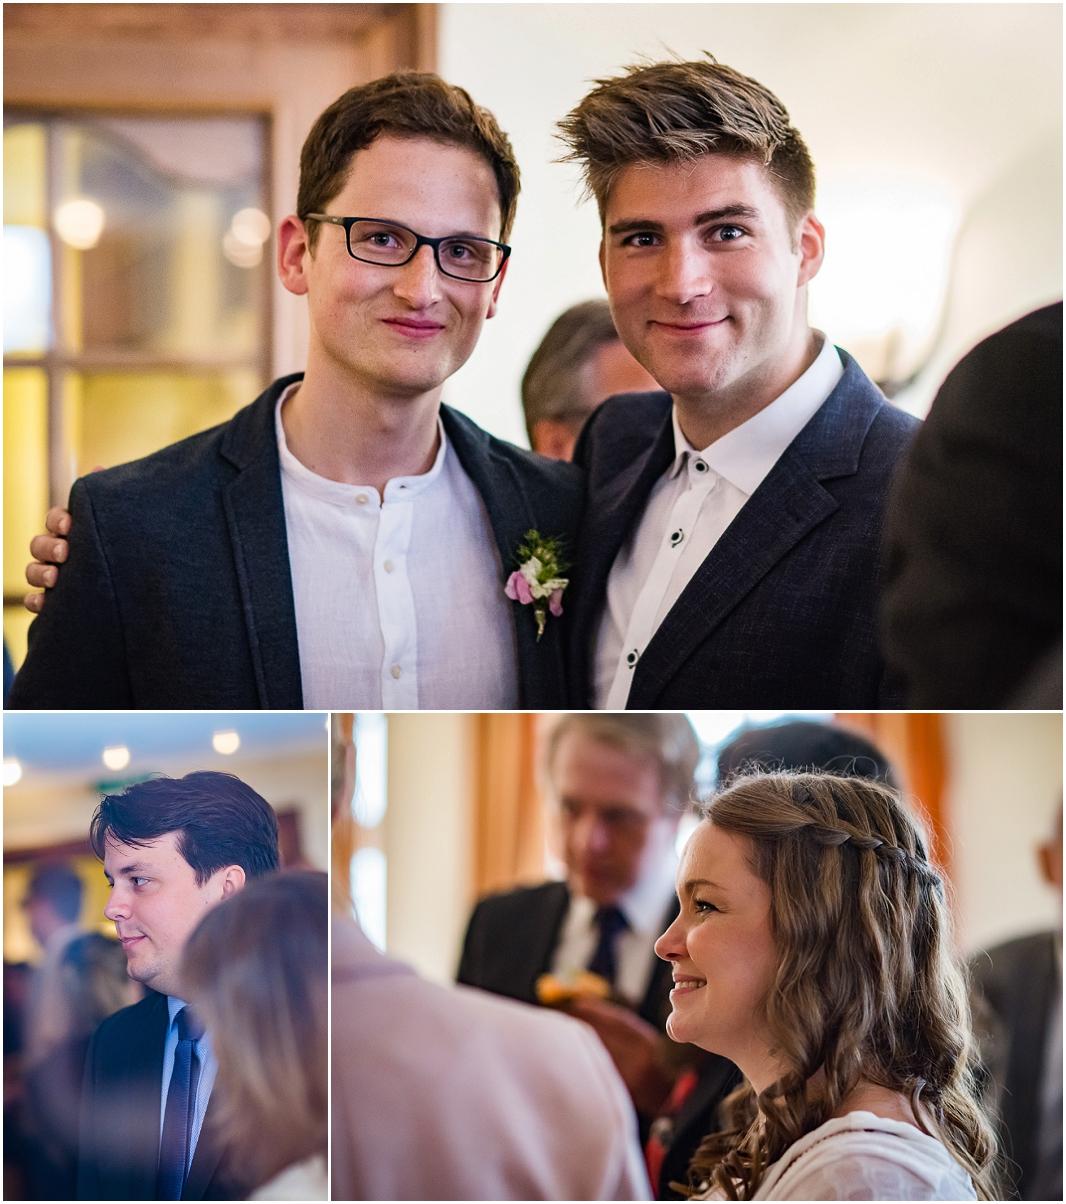 Hochzeit, Monschau, Eifel, Hochzeitsreportage, Hochzeitsfotografie, Hochzeitsfotograf, Freunde, Astrid Ebert Fotografie